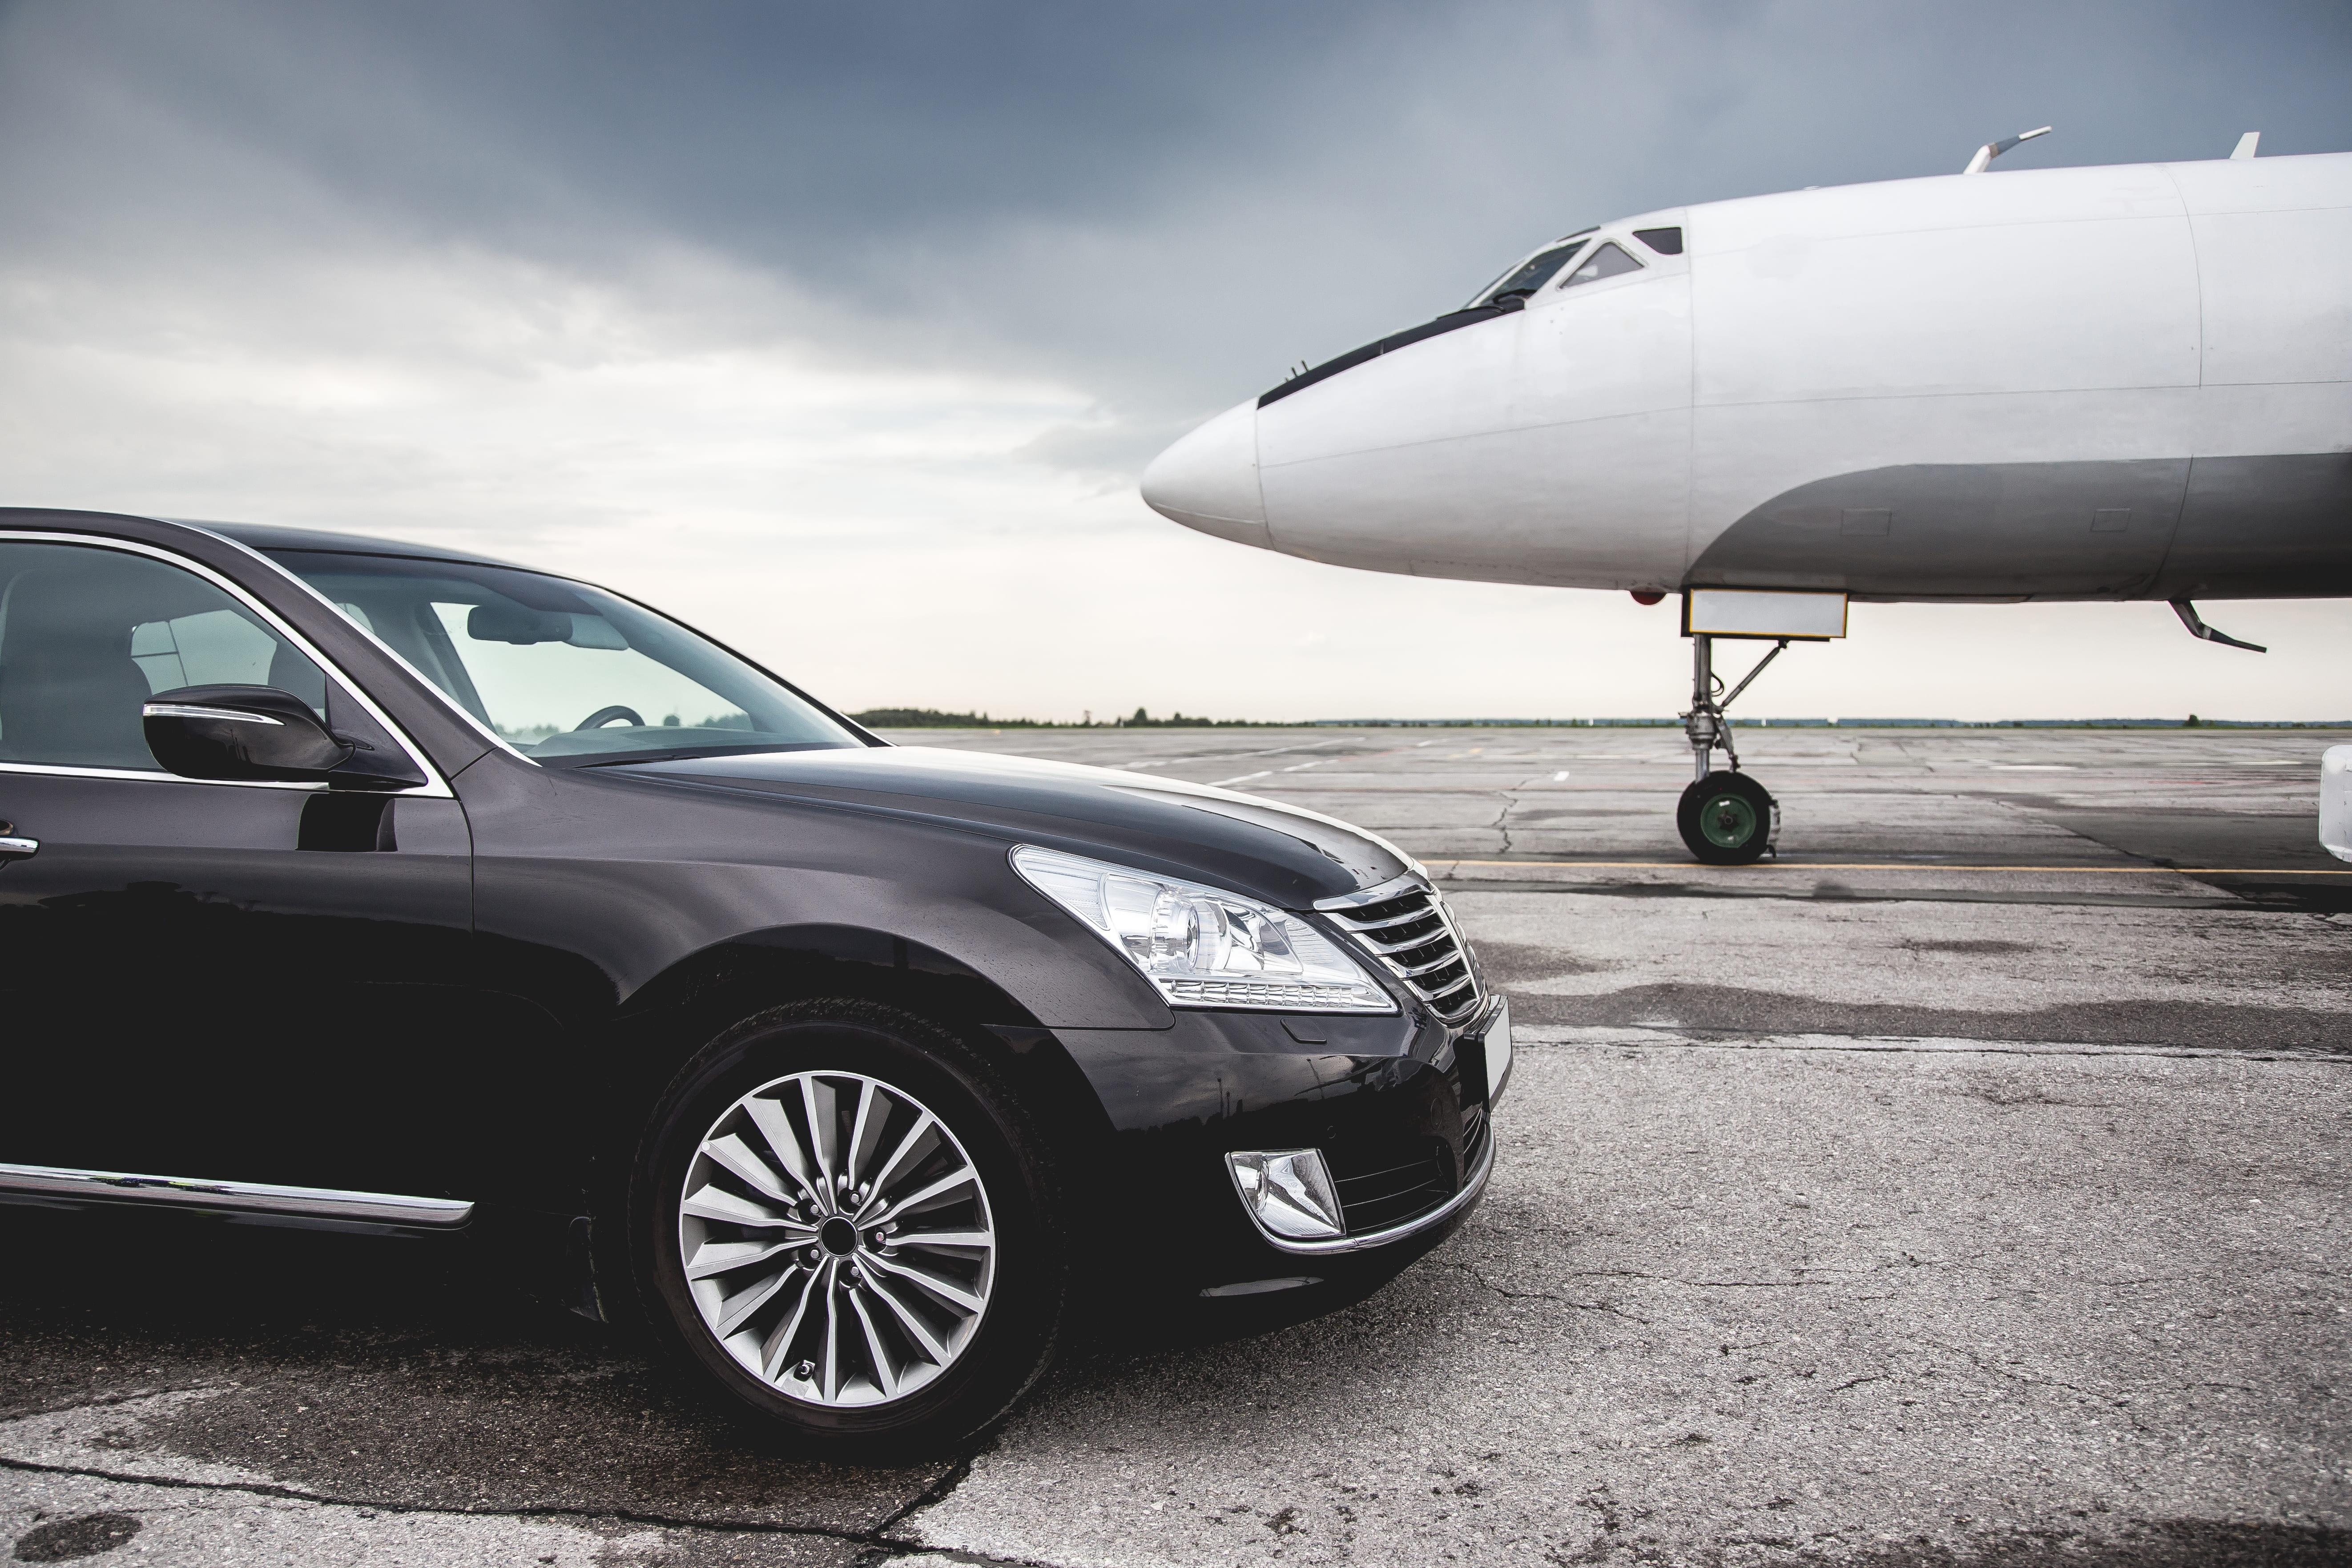 Imagem de um carro ao lado de um avião para remeter ao empreendedor que deseja saber como montar um serviço de transfers